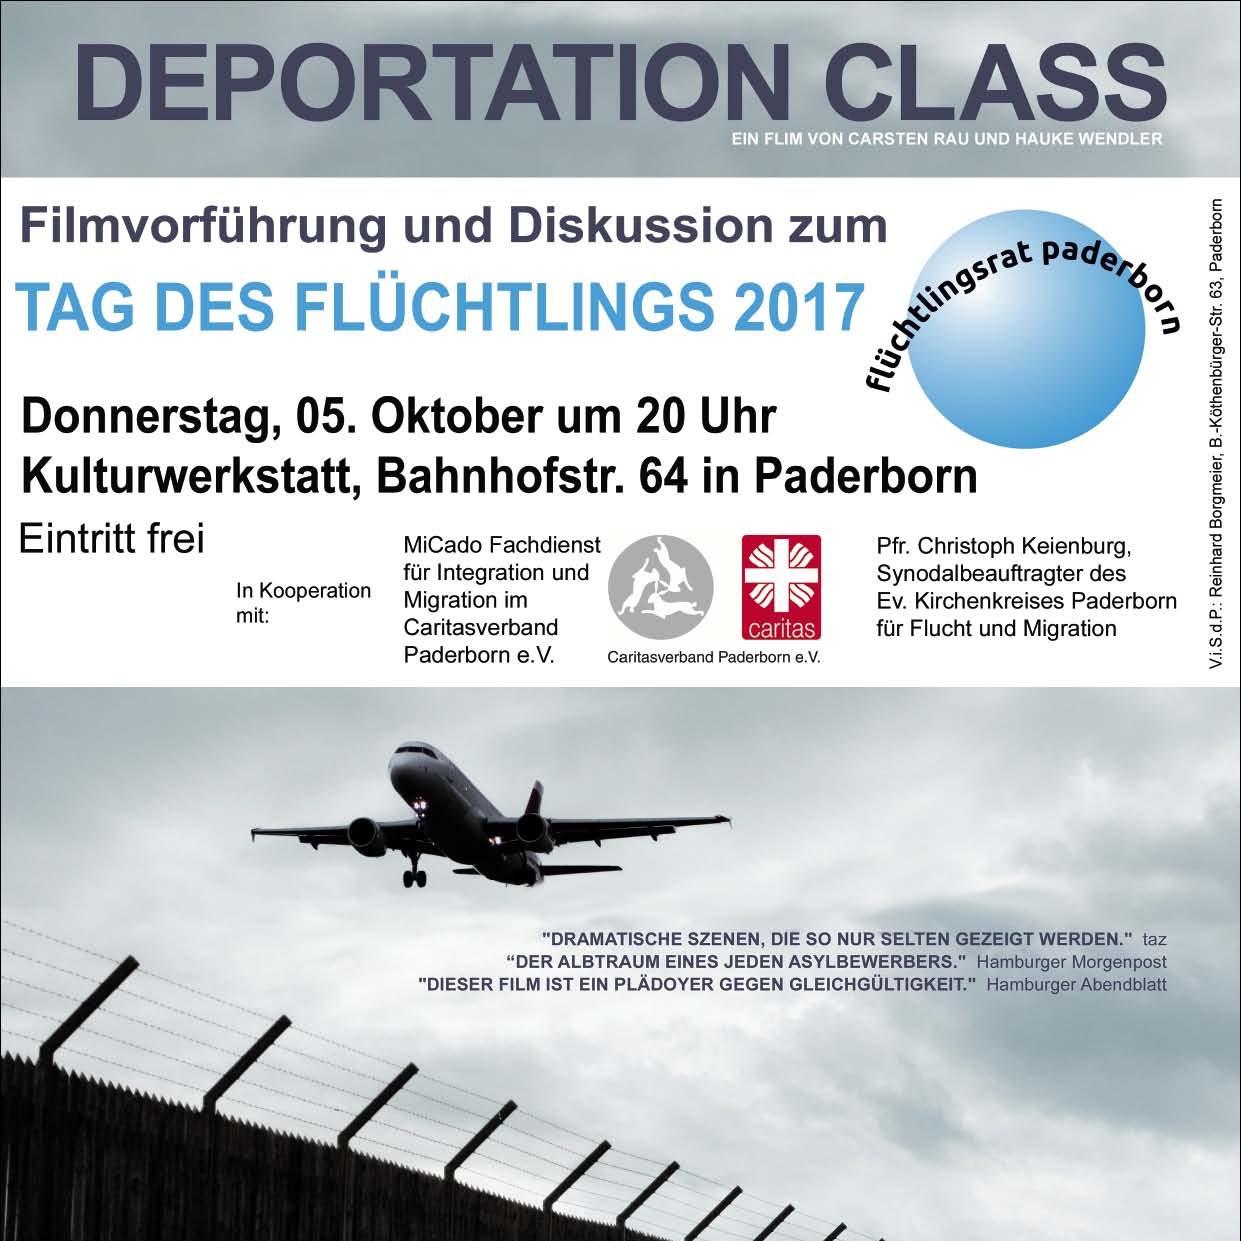 Veranstaltung des Flüchtlingsrat zum Tag des Flüchtlings 2017 Deportation Class